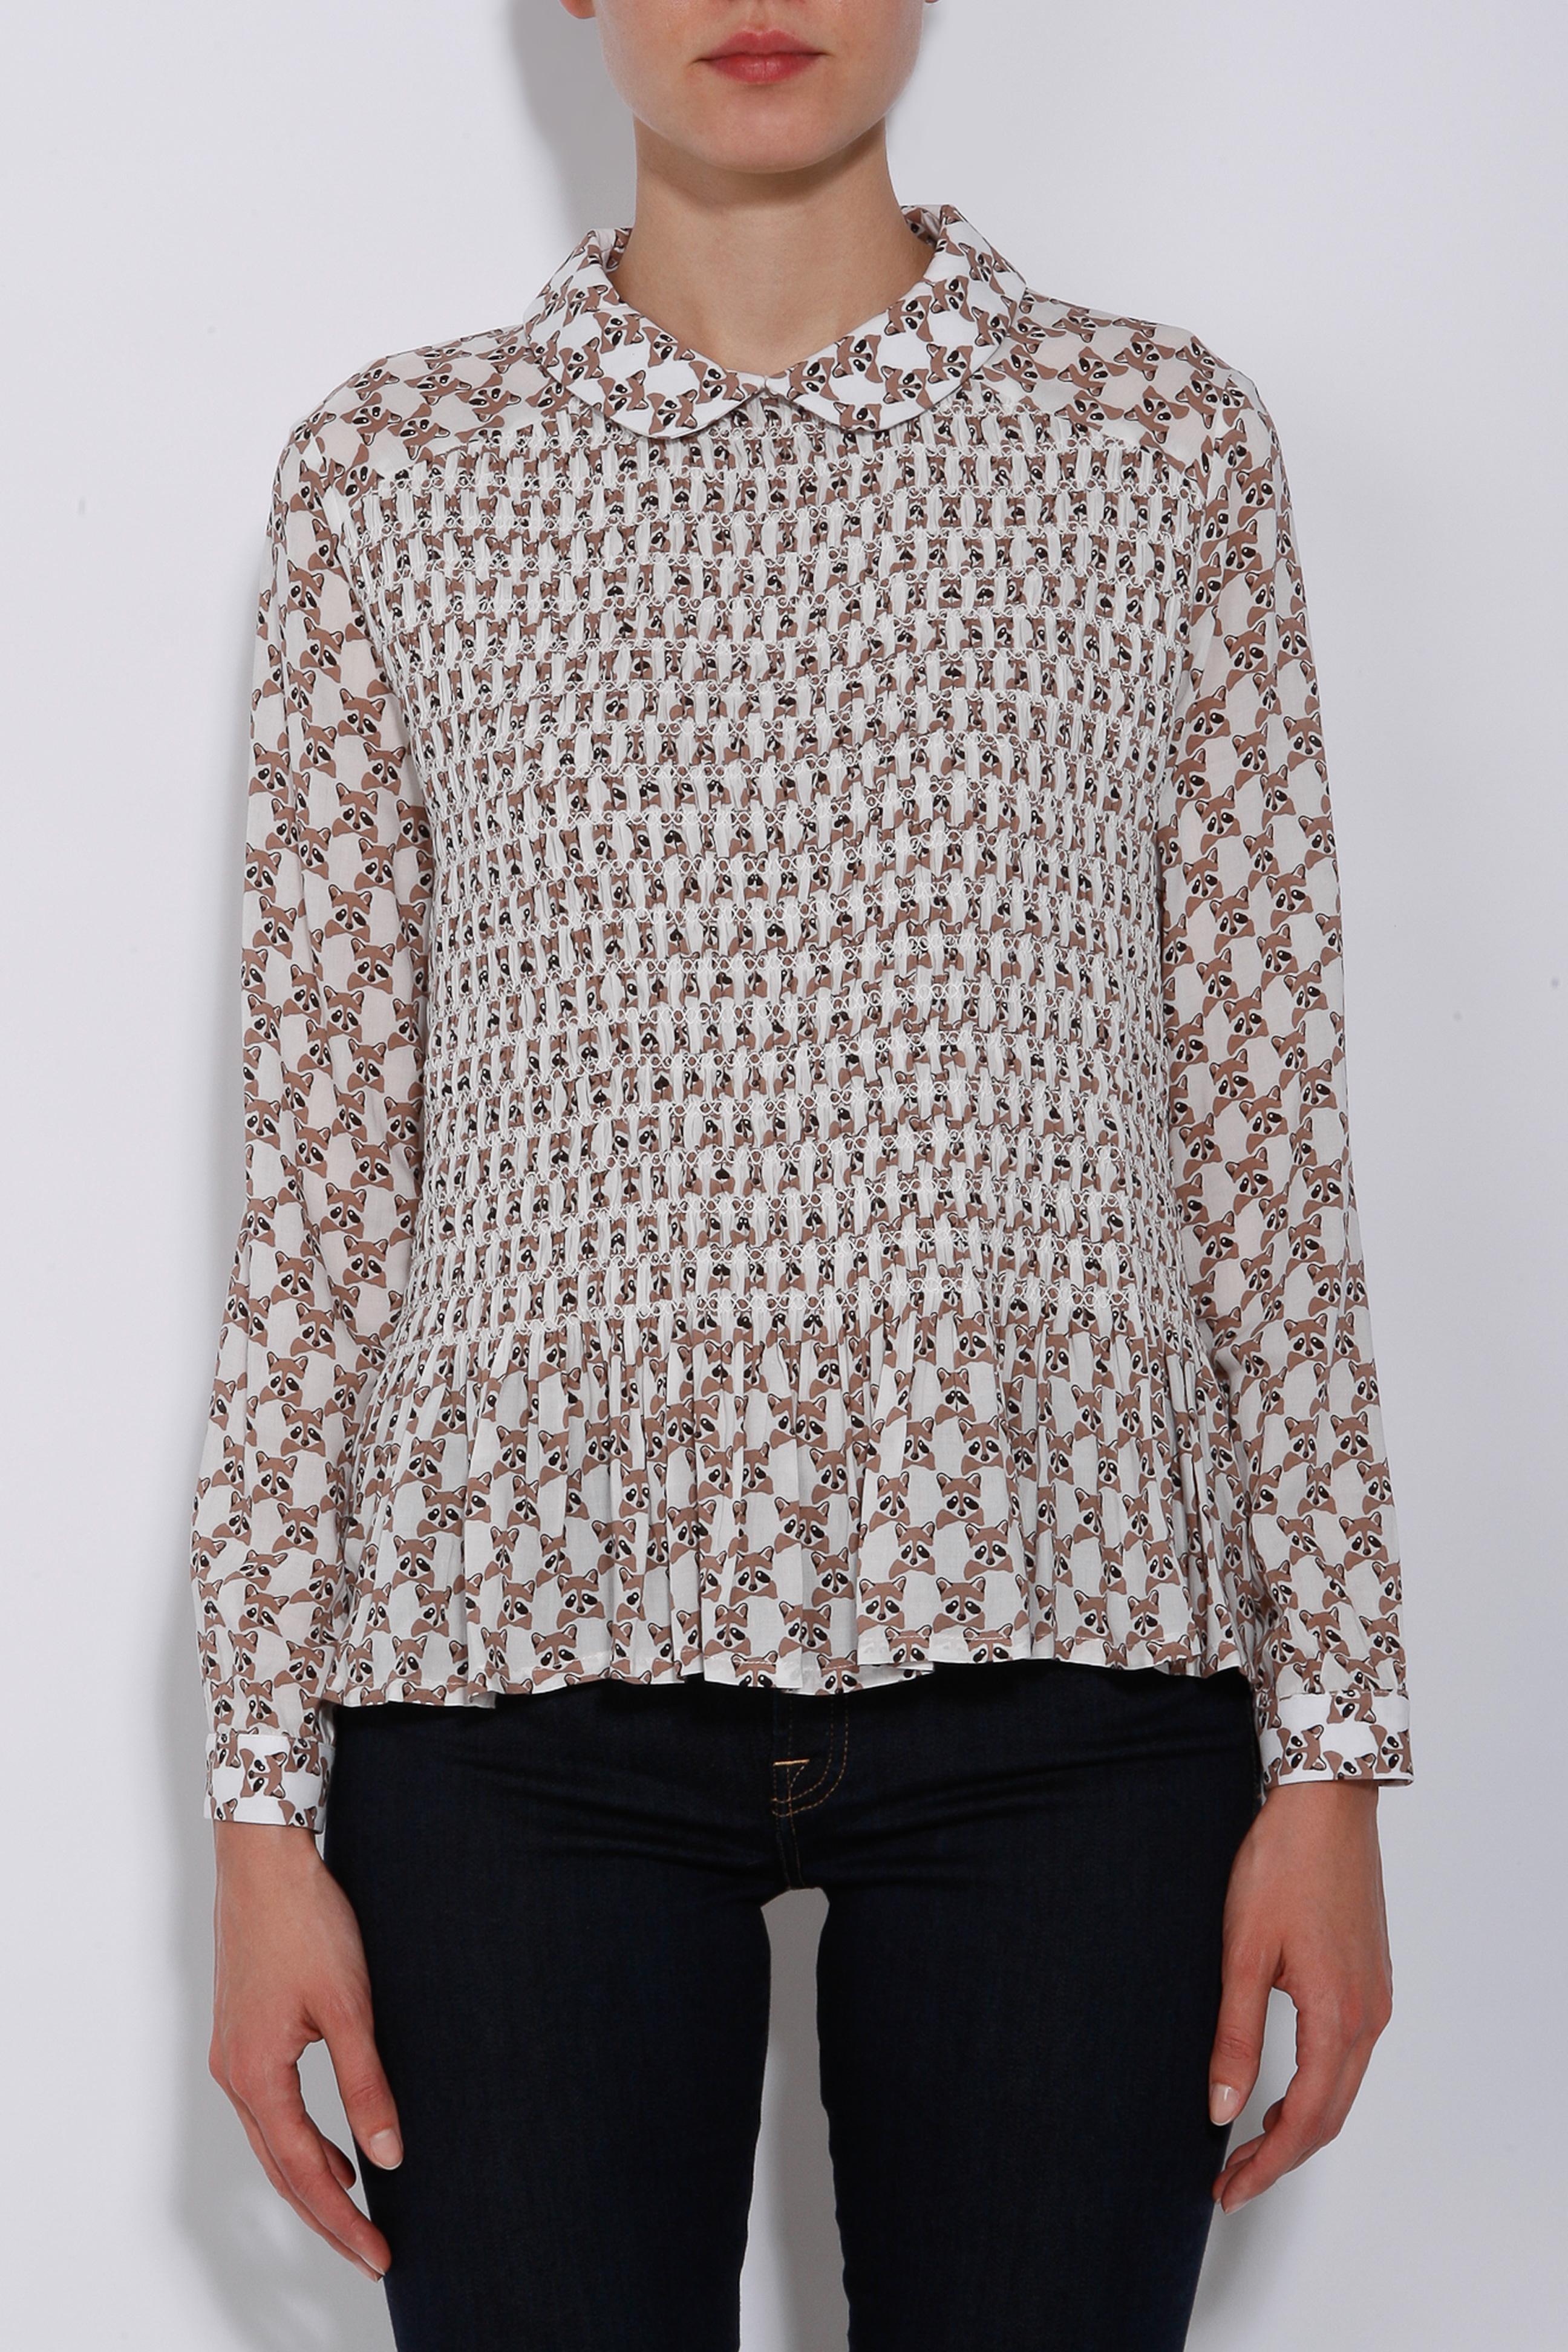 paul u0026 joe smocked raccoon print blouse in white lyst